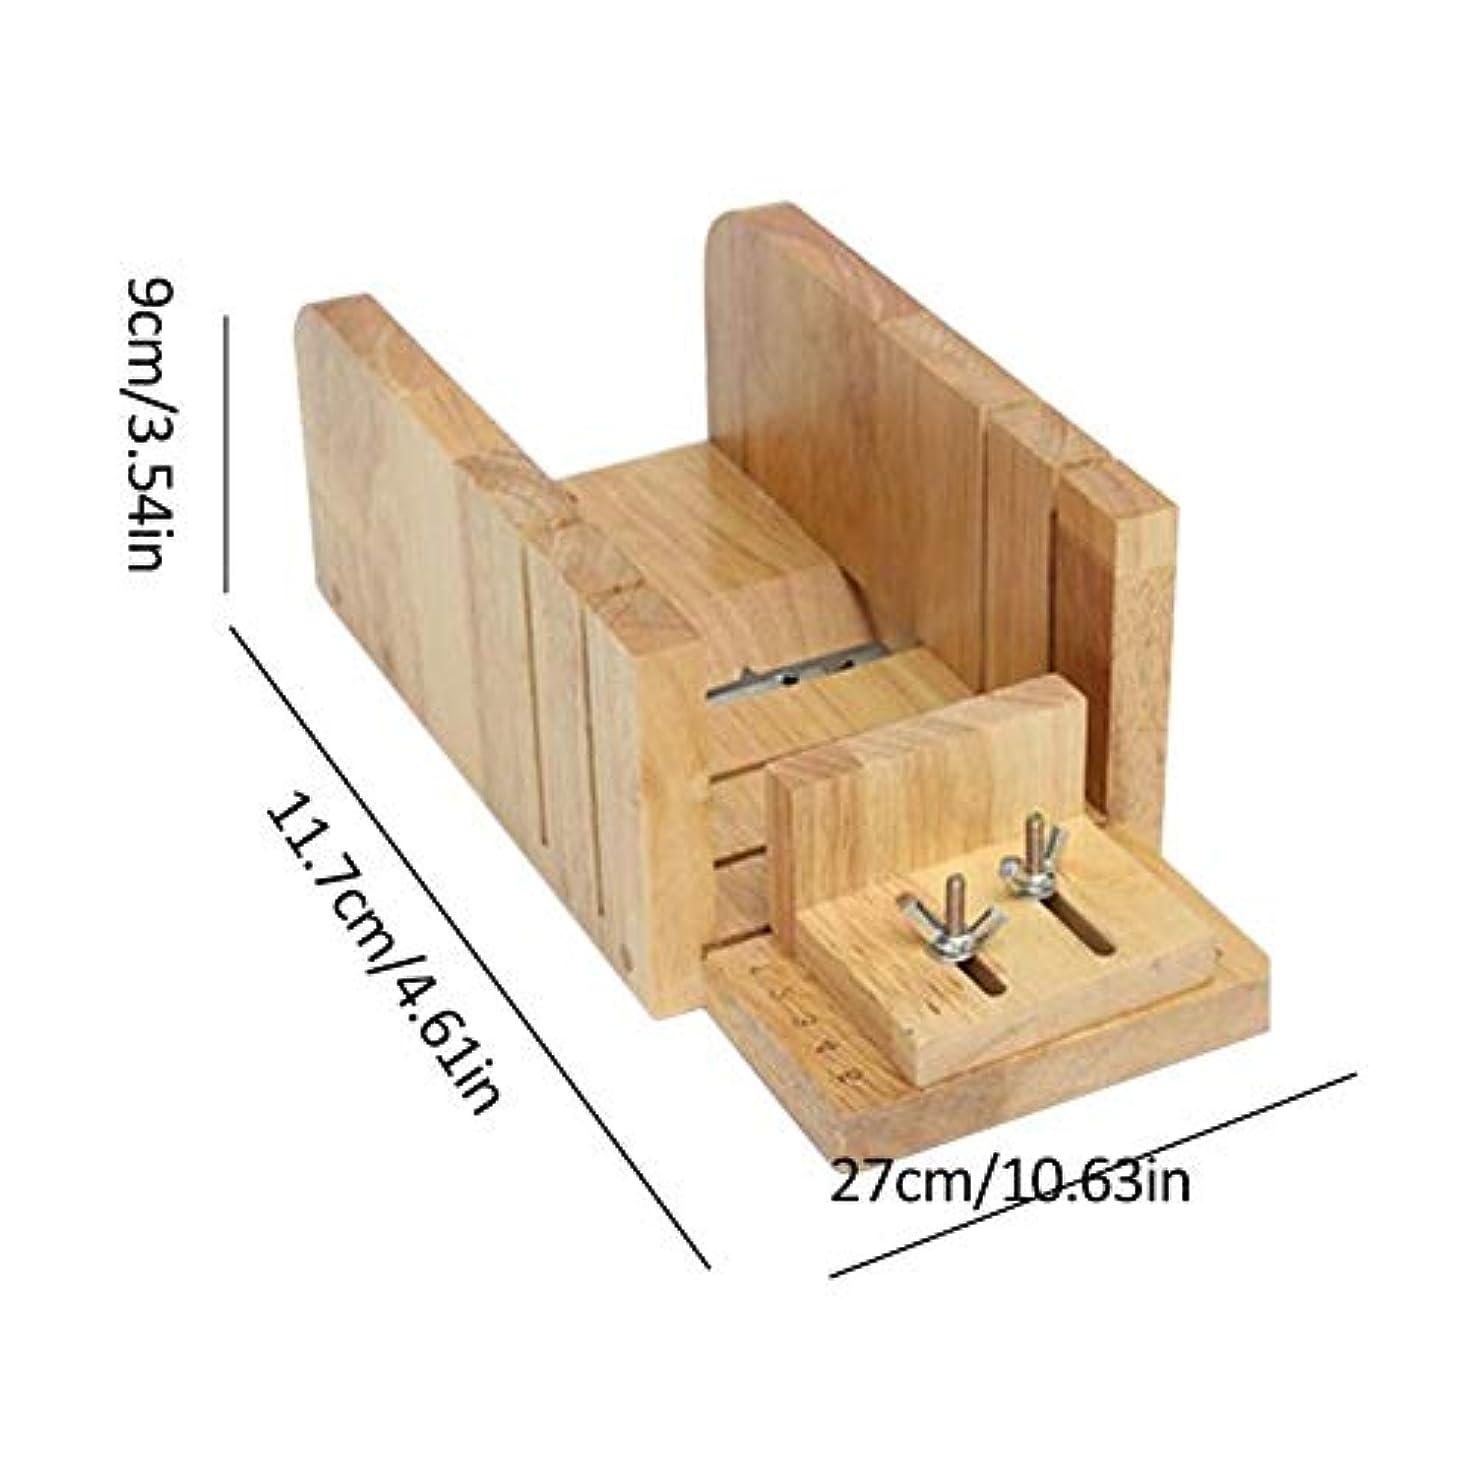 小屋掃除深く3点セット ソープカッター 石けん金型ソープロープ カッター 木製 カッター ツールDIY 手作り 木製ボックス松木製 ストレートソープ包丁 ナイフ モールドソープ調整可能レトロ